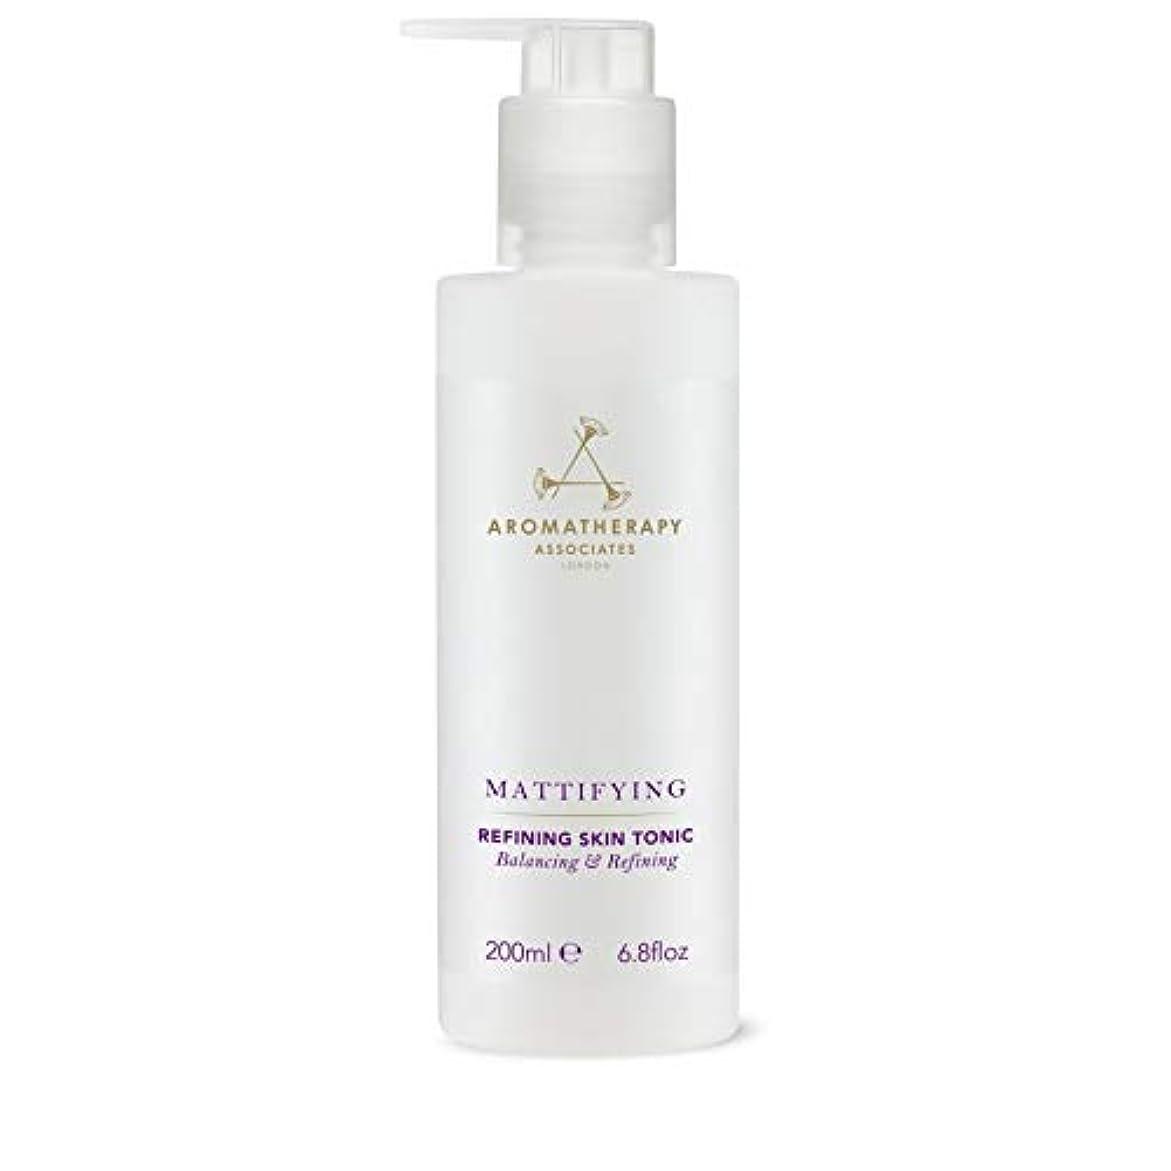 弱点アプト赤外線[Aromatherapy Associates ] アロマセラピーアソシエイツ精錬皮膚の強壮剤、アロマセラピーアソシエイツ - Aromatherapy Associates Refining Skin Tonic,...